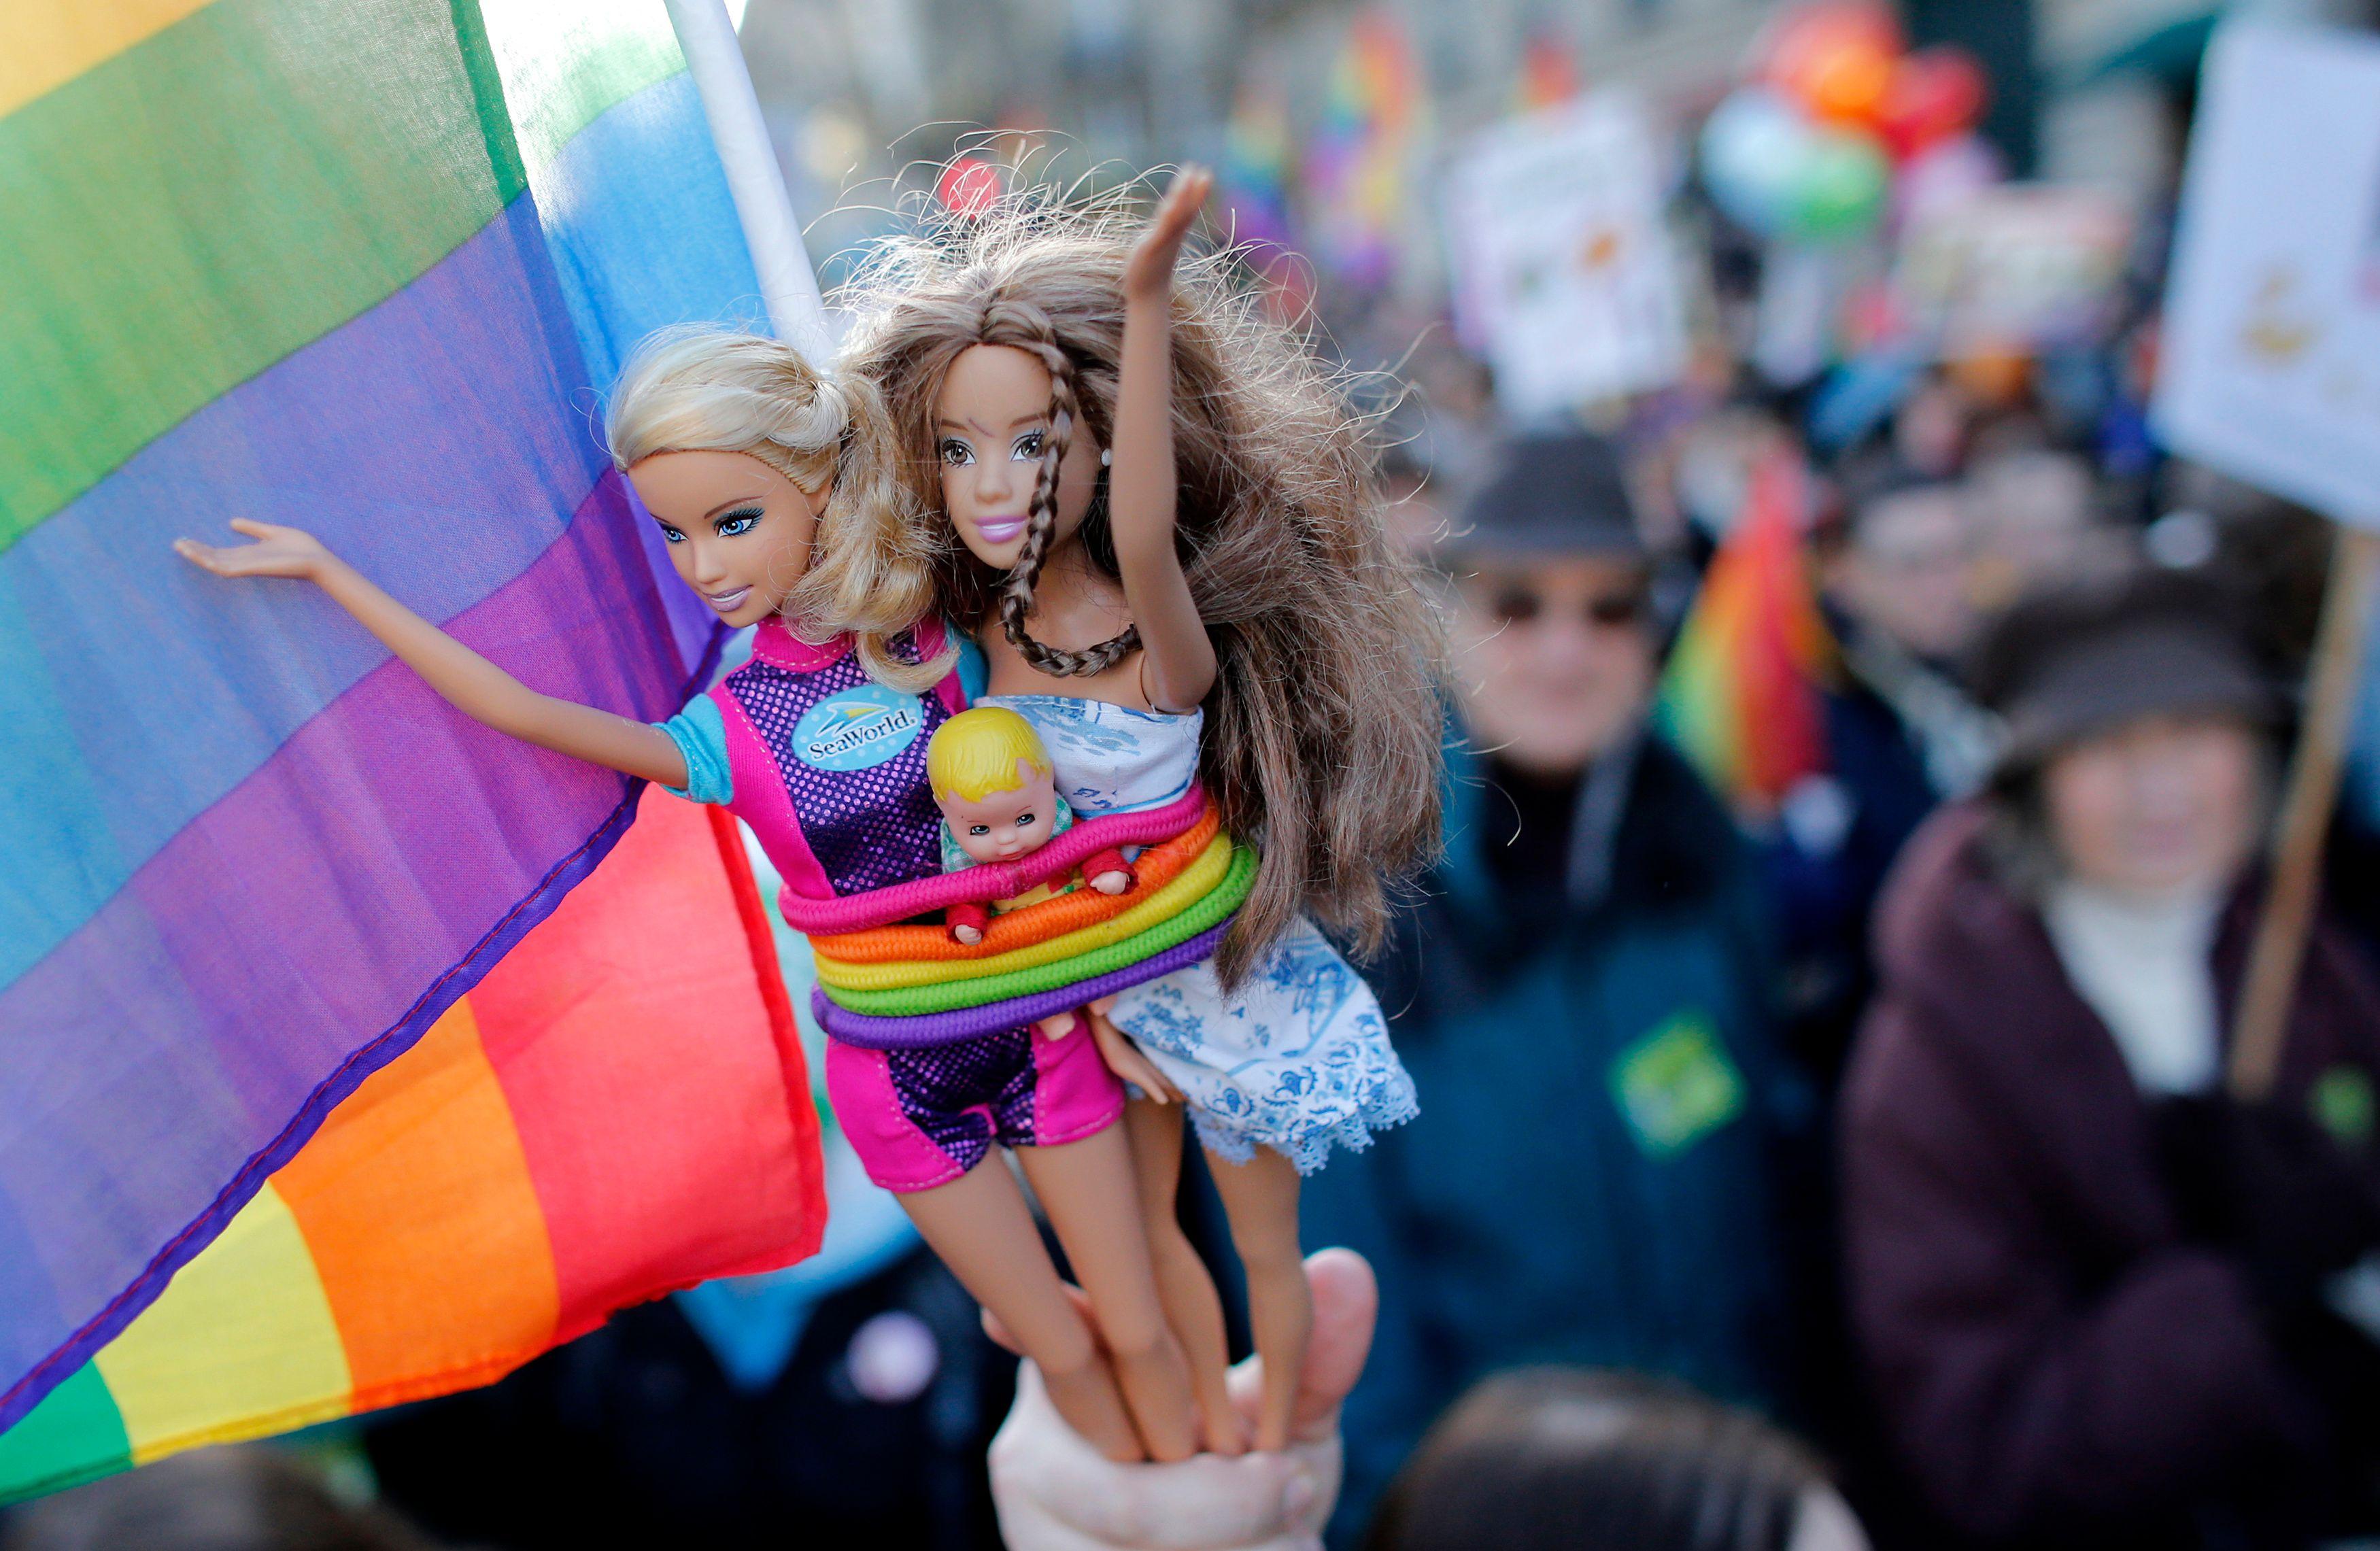 Selon un sondage Ifop/Alliance Vita, 37% des Français se disent favorables au mariage assorti du droit d'adopter pour les couples homo.